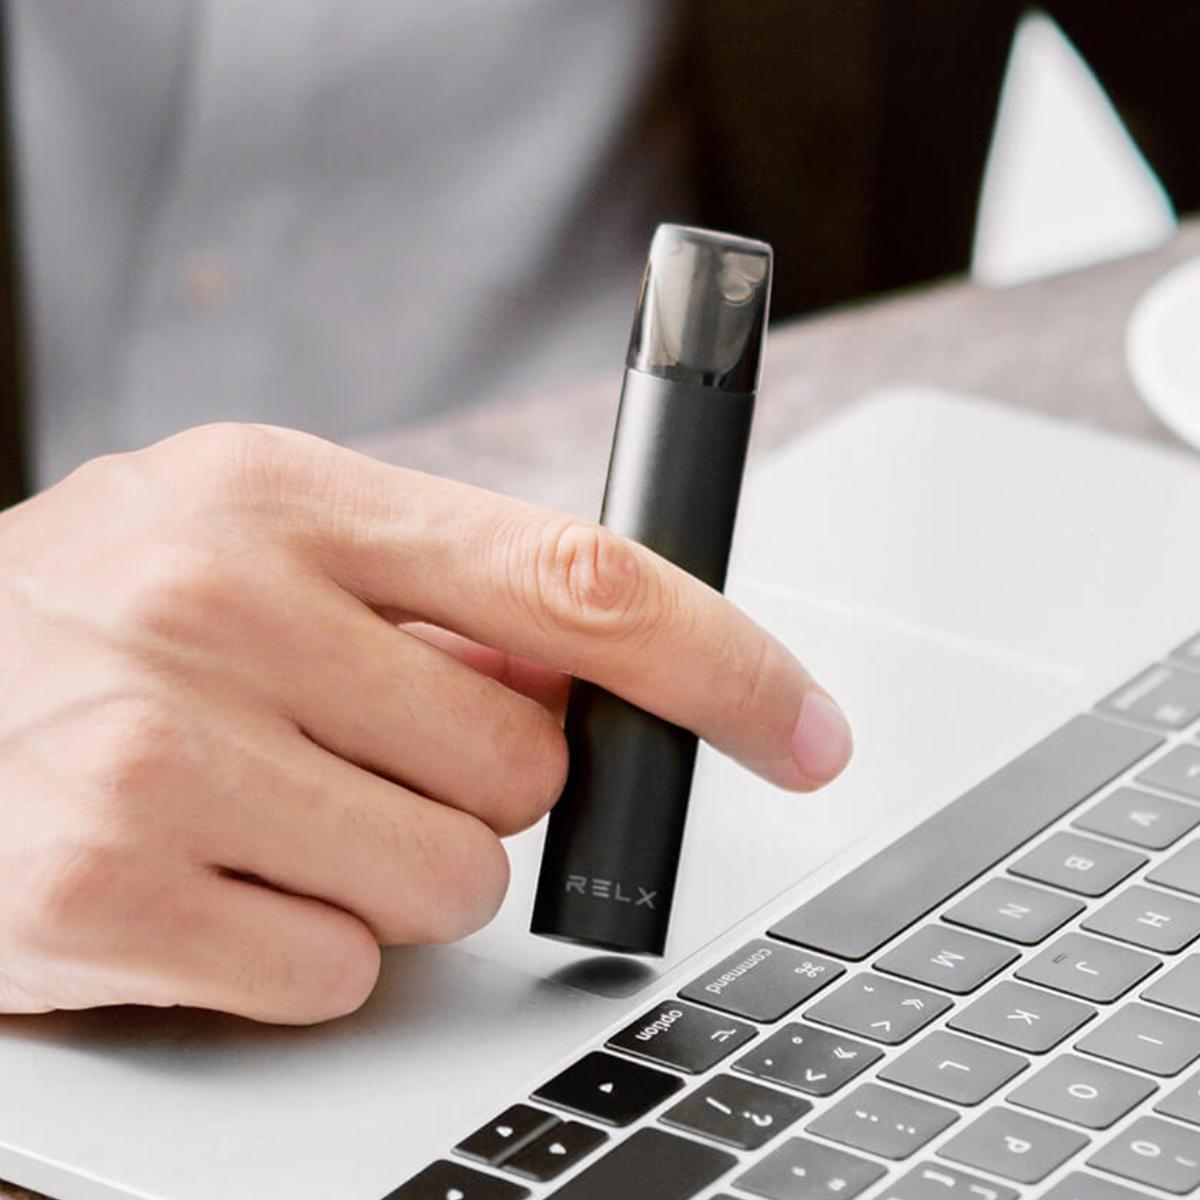 Электронные сигареты RELX выходят нароссийский рынок